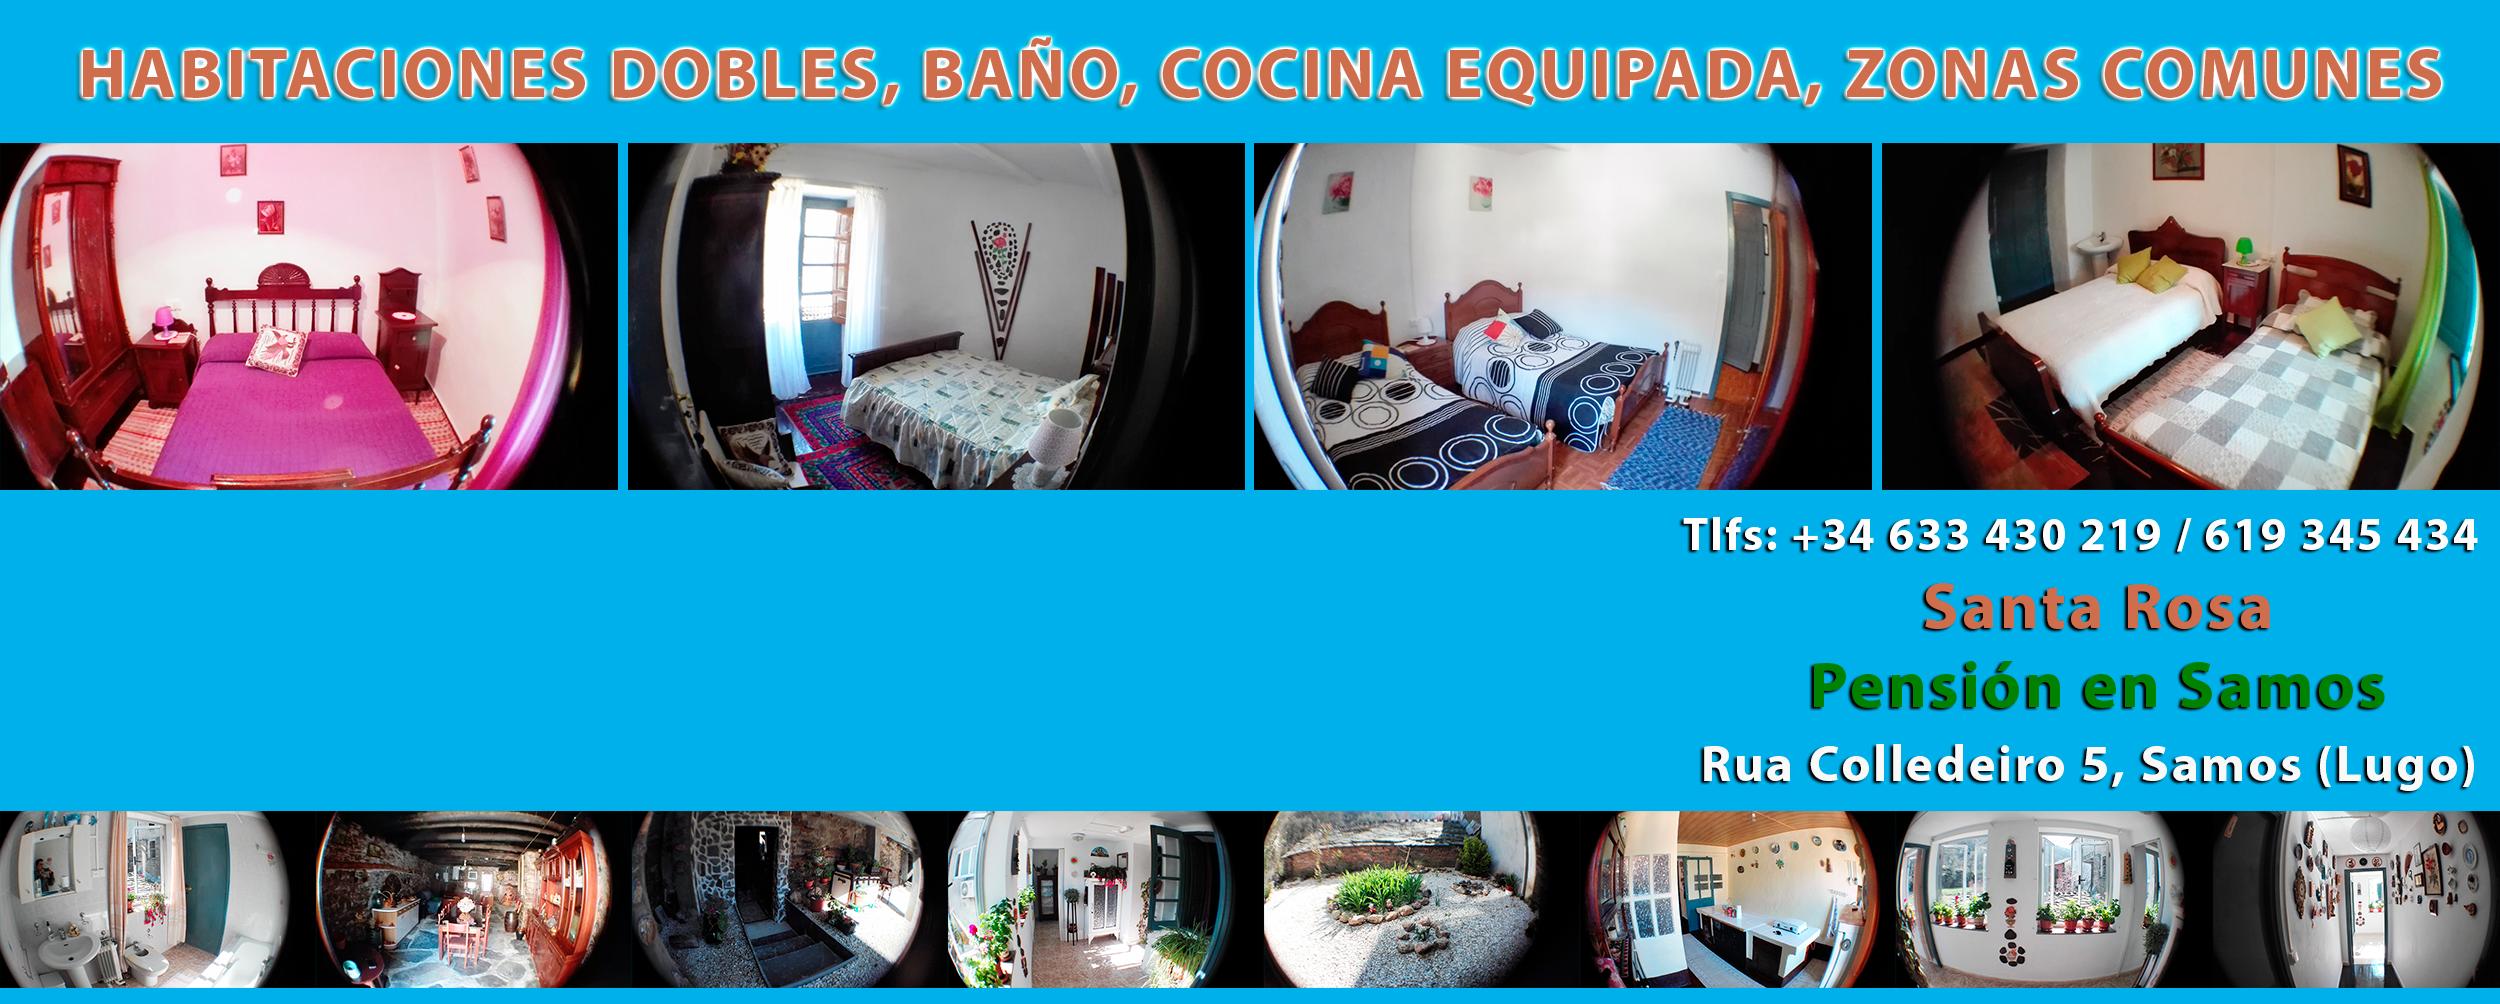 Alojamiento en Pensión en Samos Santa Rosa